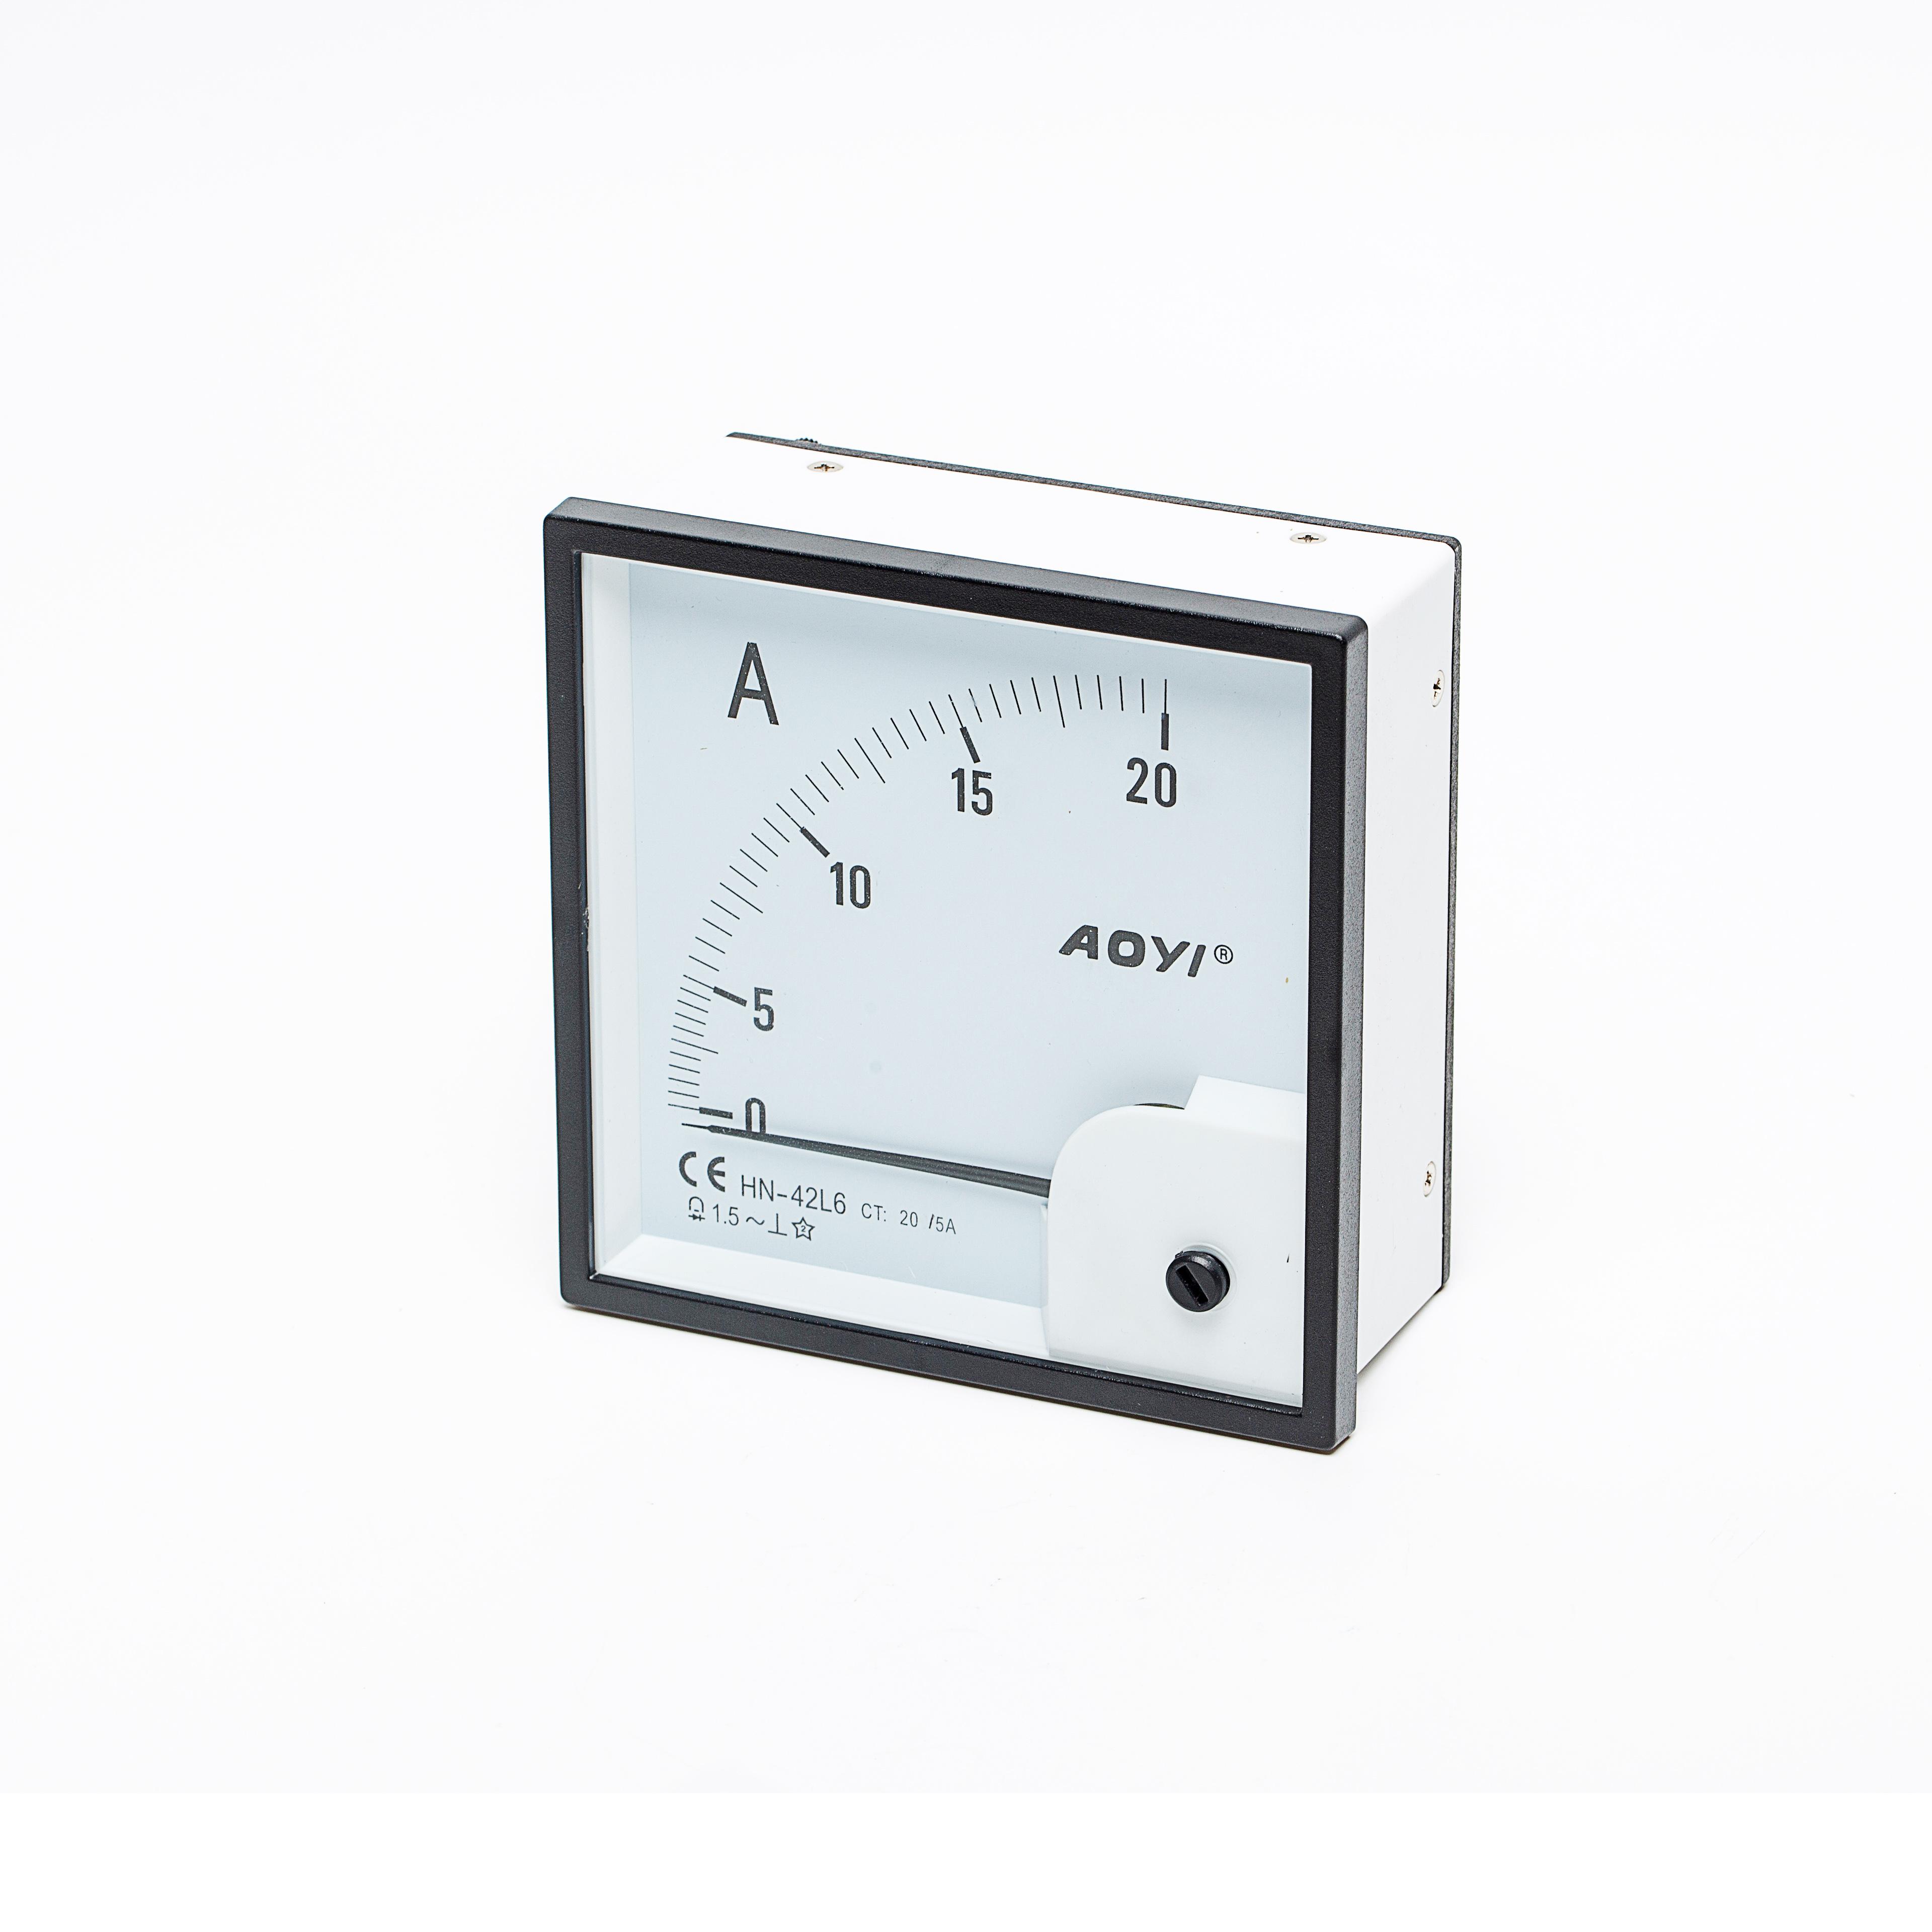 Instrument 85C17 DC 0-5 A amp analogique Panel Meter Ampèremètre